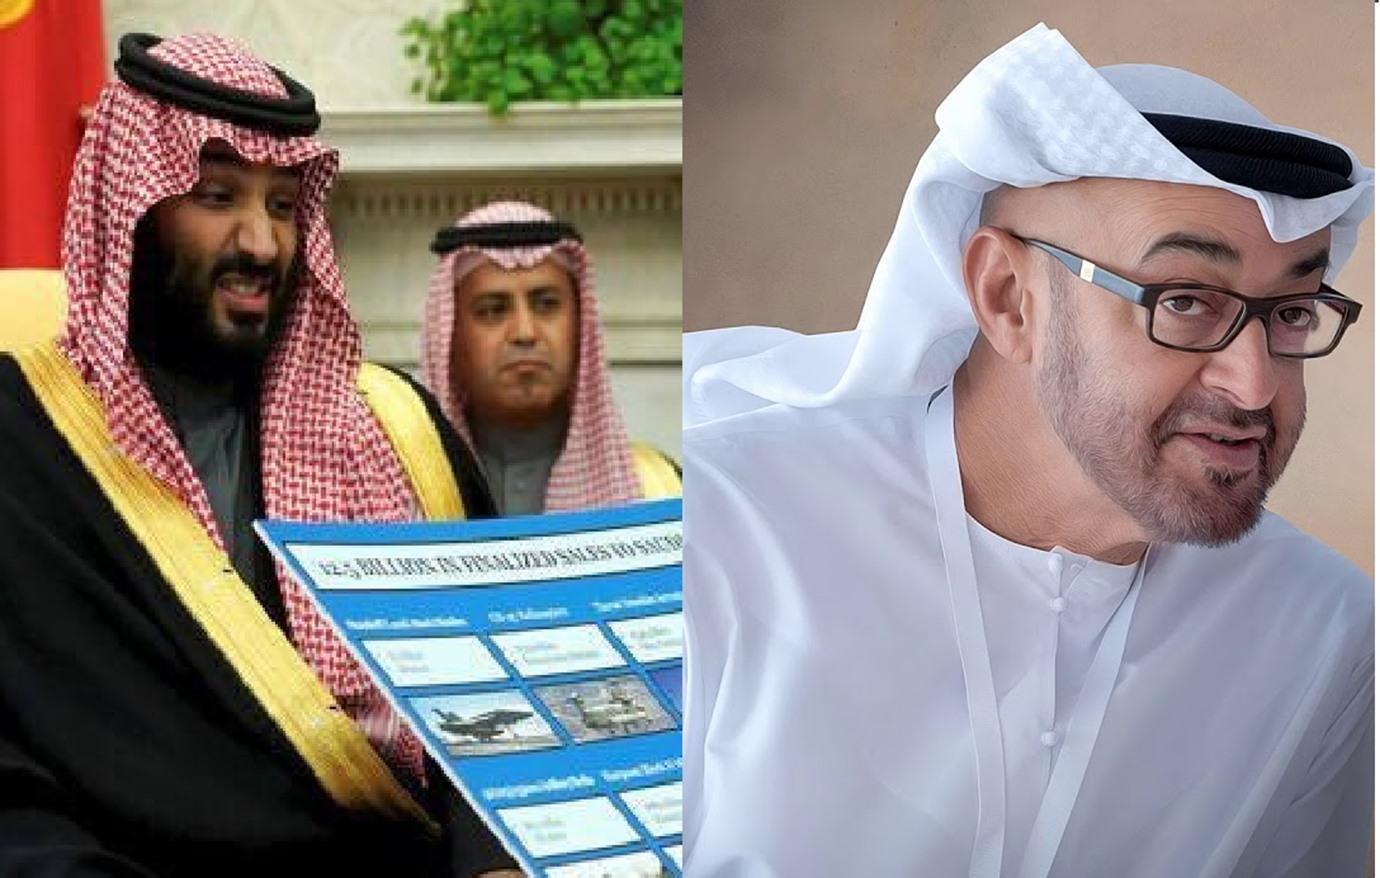 صحيفة سويسرية تربط أبوظبي بجريمة اغتيال خاشقجي!